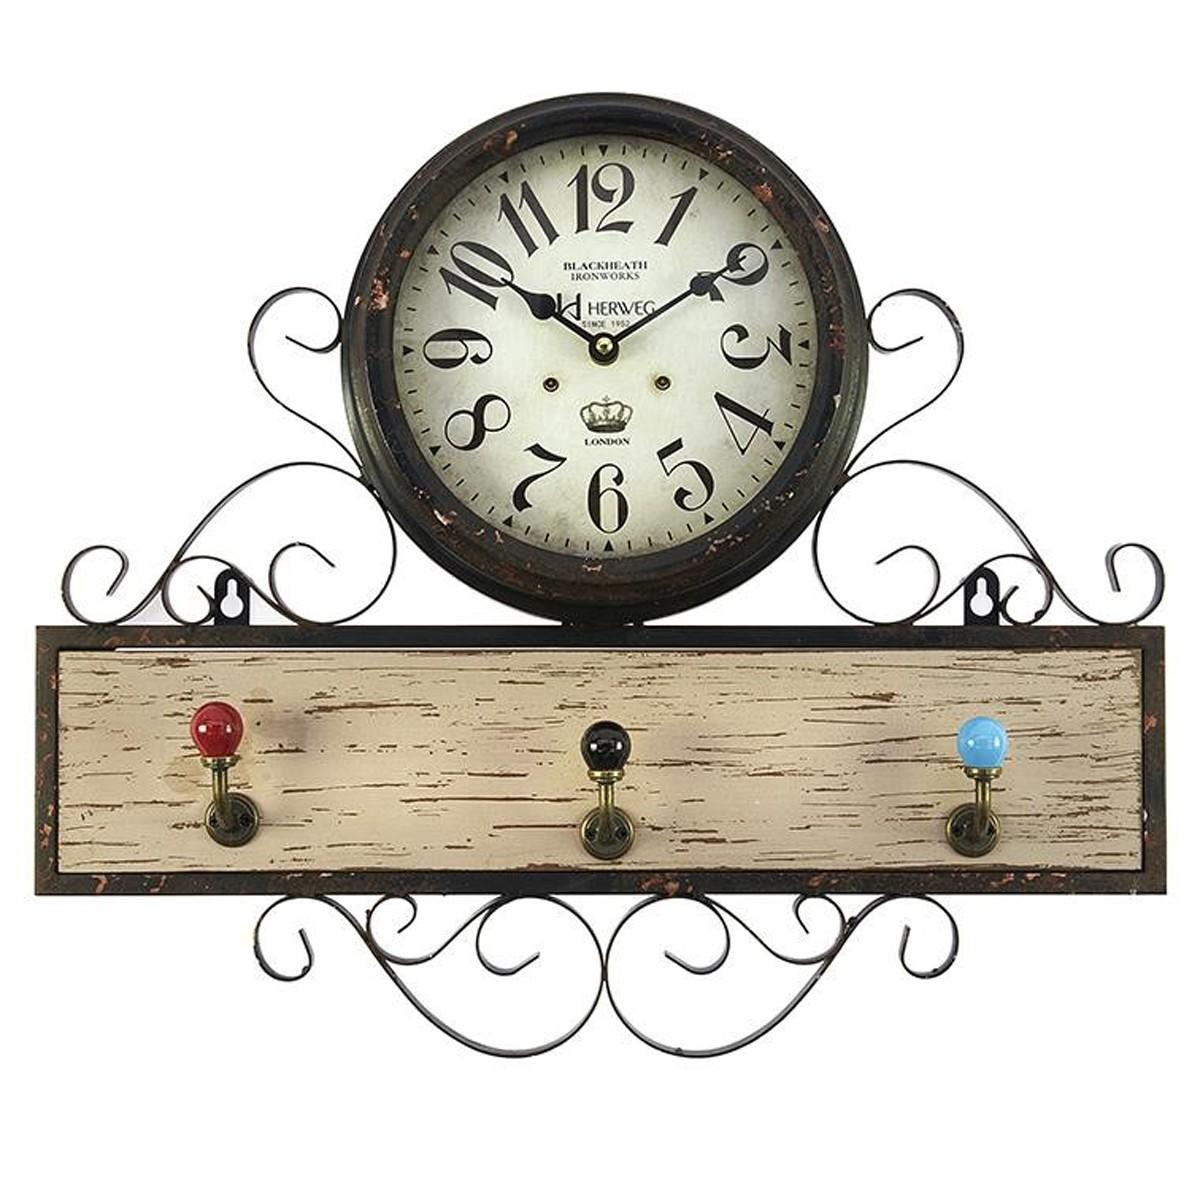 Κρεμάστρα – Ρολόι Τοίχου InArt 3-20-098-0203 66018